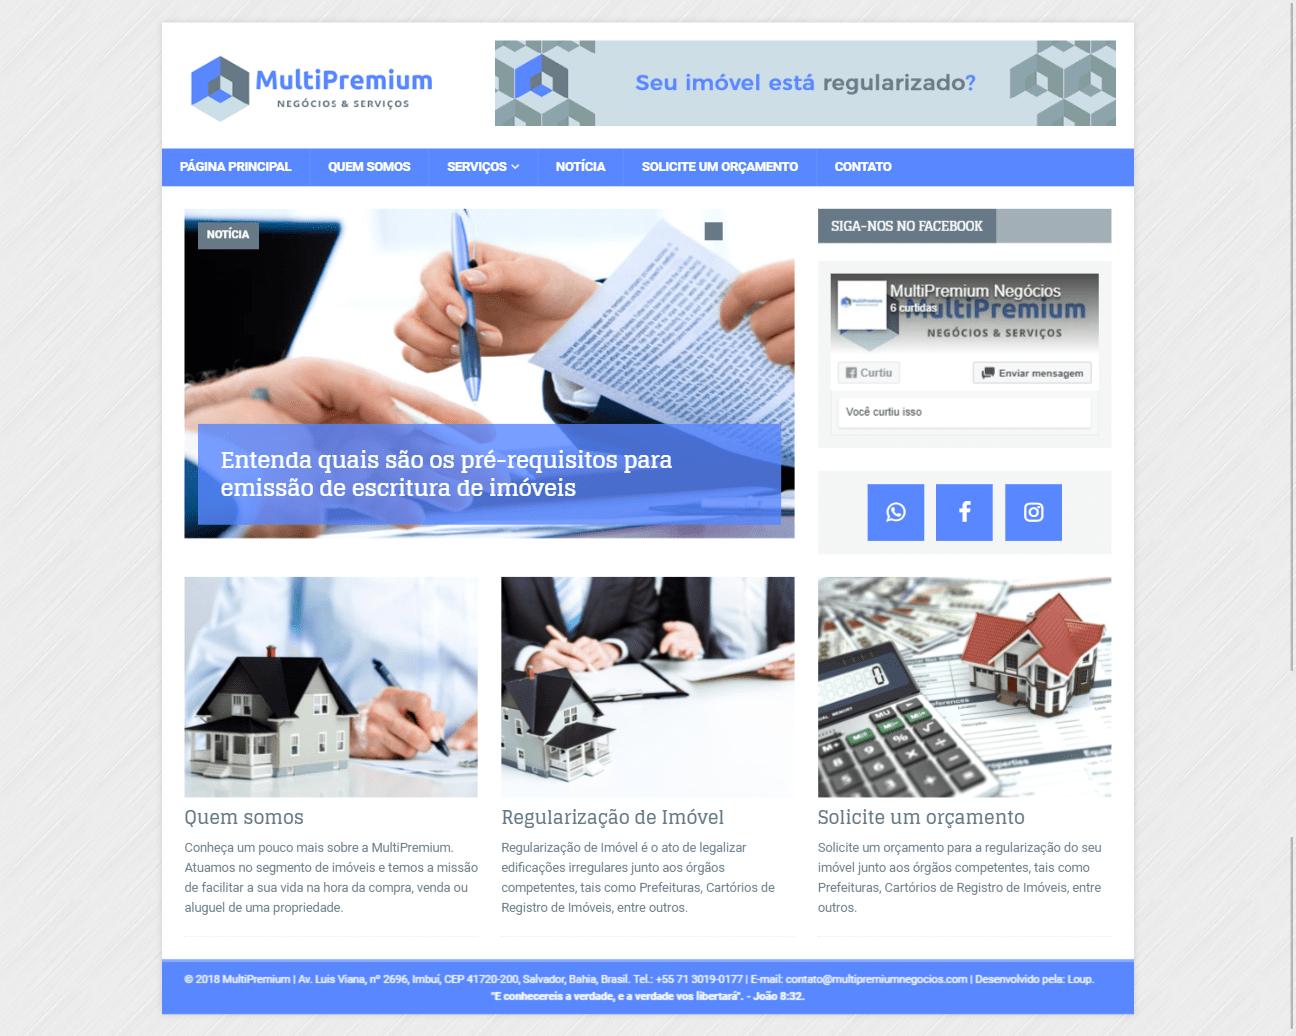 Página principal do site MultiPremium Negócios & Serviços.